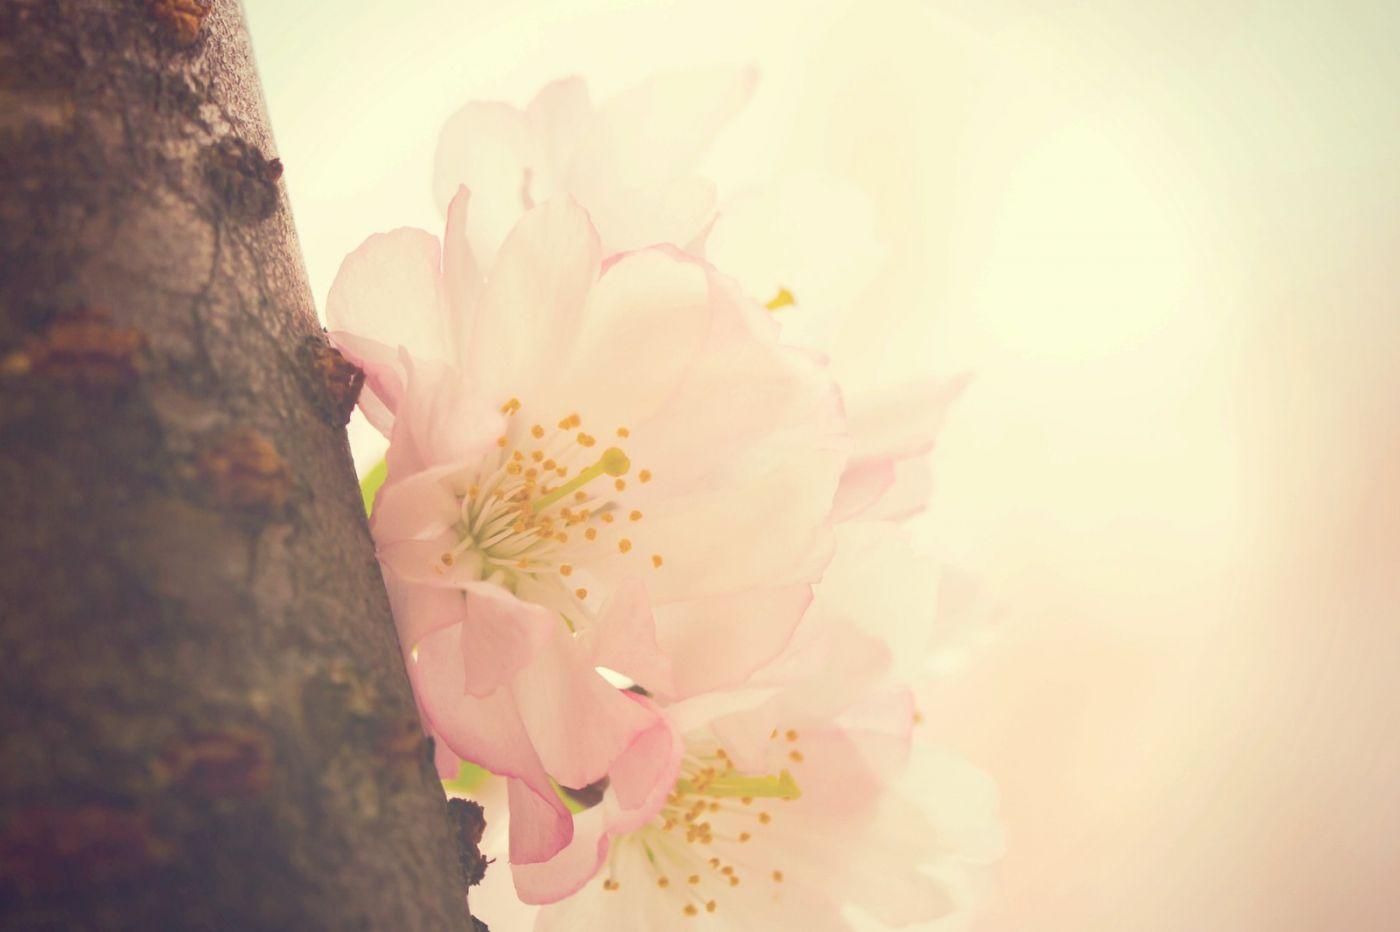 粉红的水嫩的,好看极了_图1-24